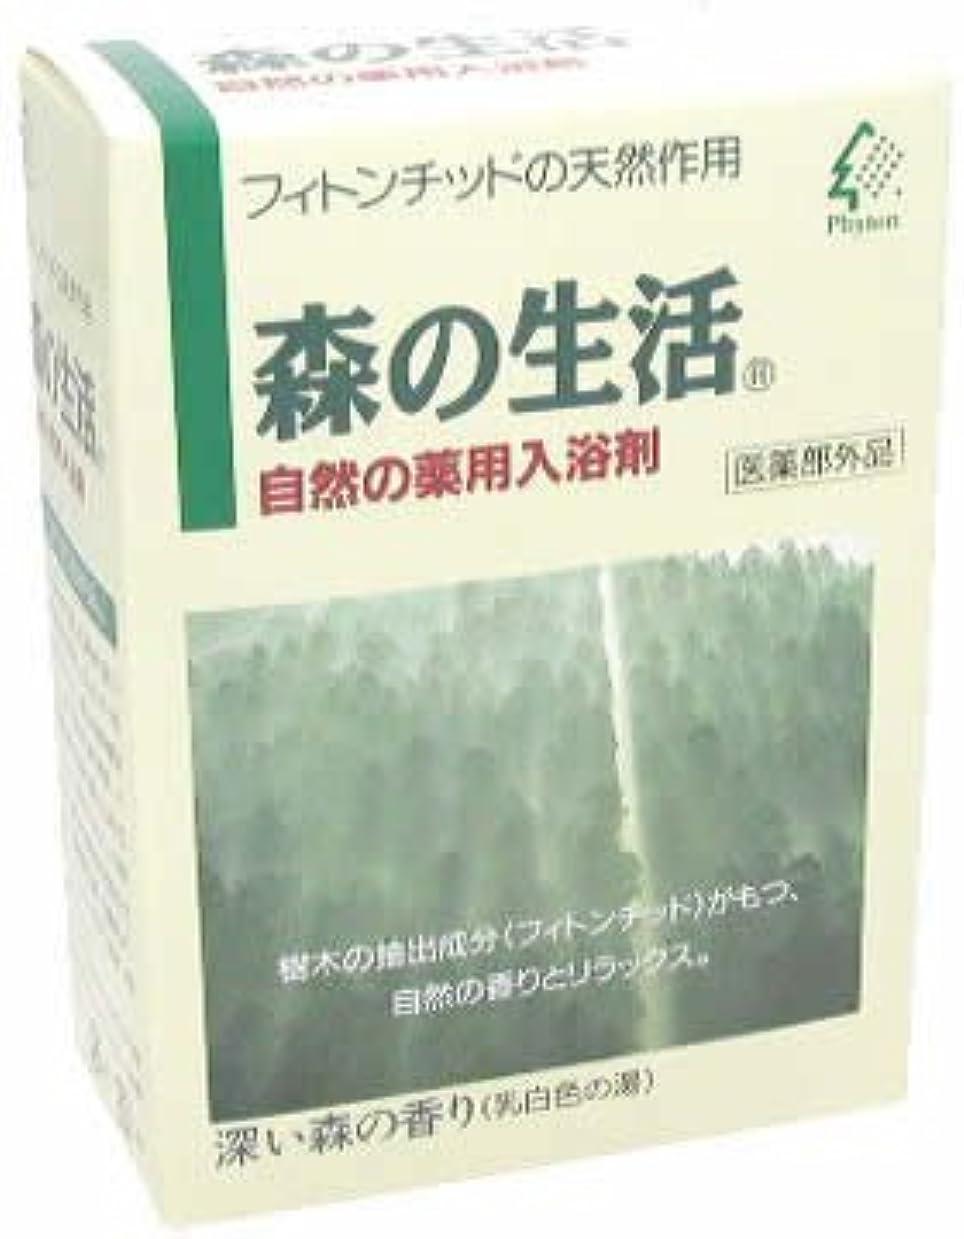 応じるみなす評価可能森の生活 薬用入浴剤 6包入(乳白色)